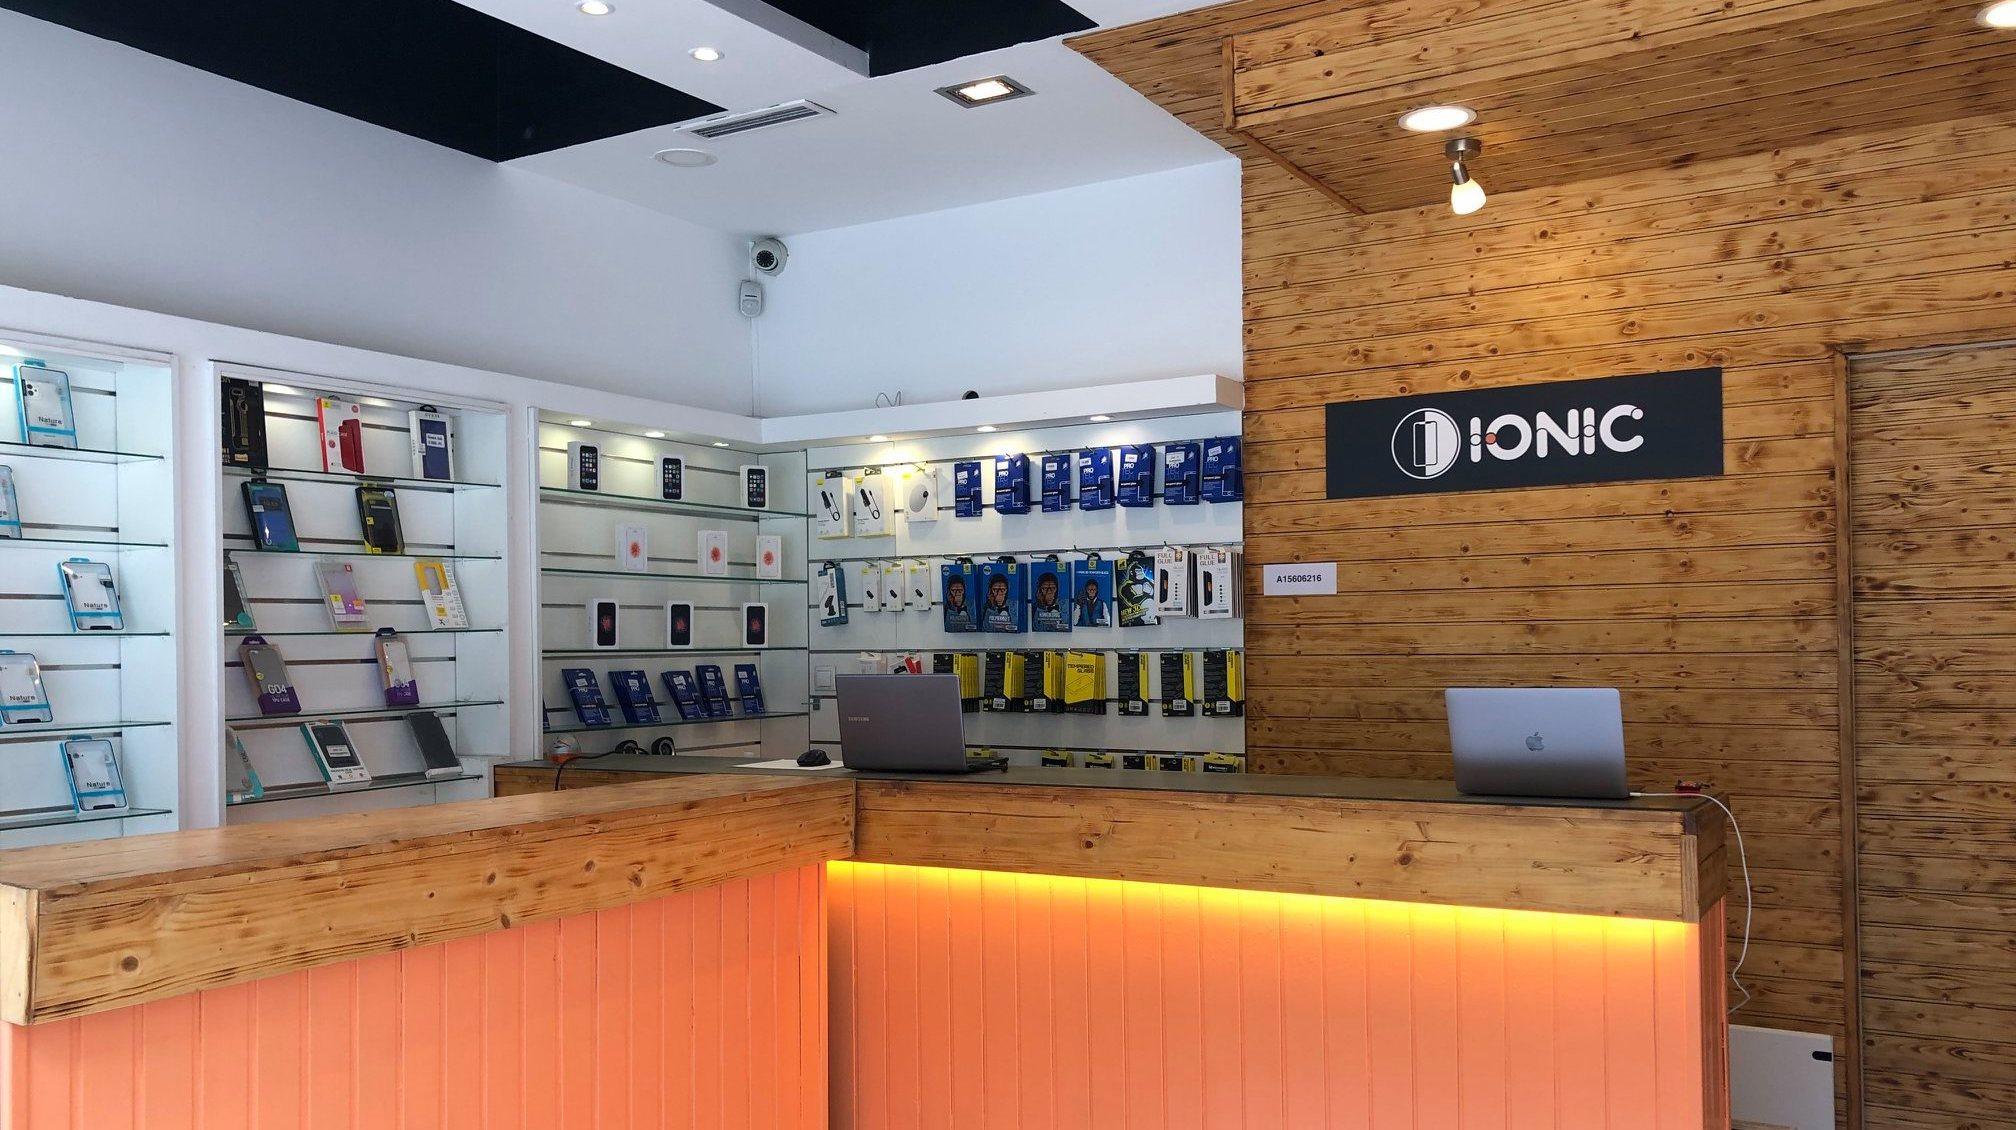 Megnyílt az IONIC prémium Apple szerviz, ahol a javítás után is törődnek az eszközökkel